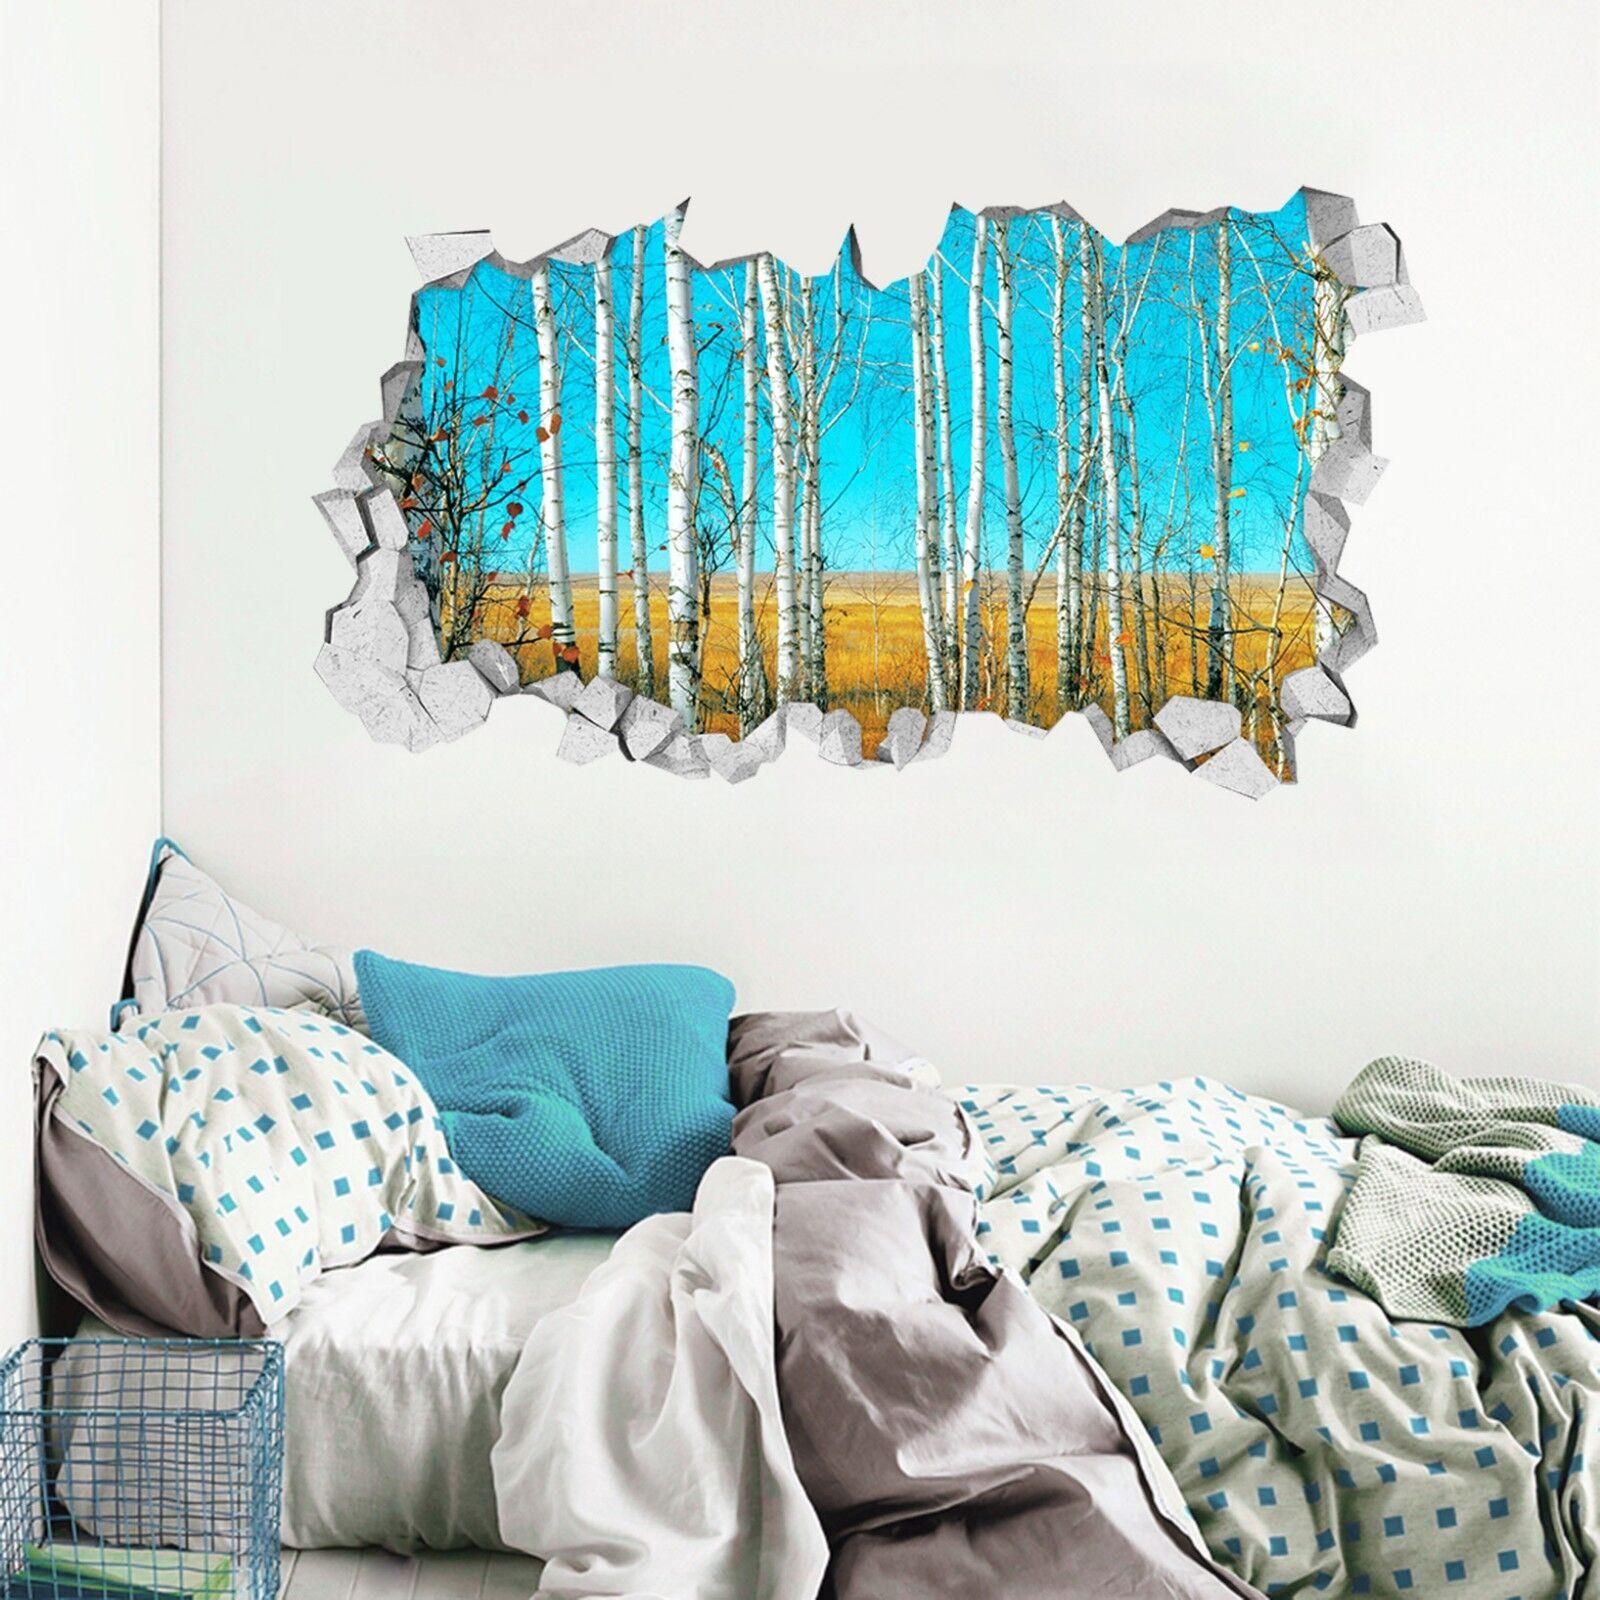 3D whitee Birke 015 Mauer Murals Mauer Aufklebe Decal Durchbruch AJ WALLPAPER DE